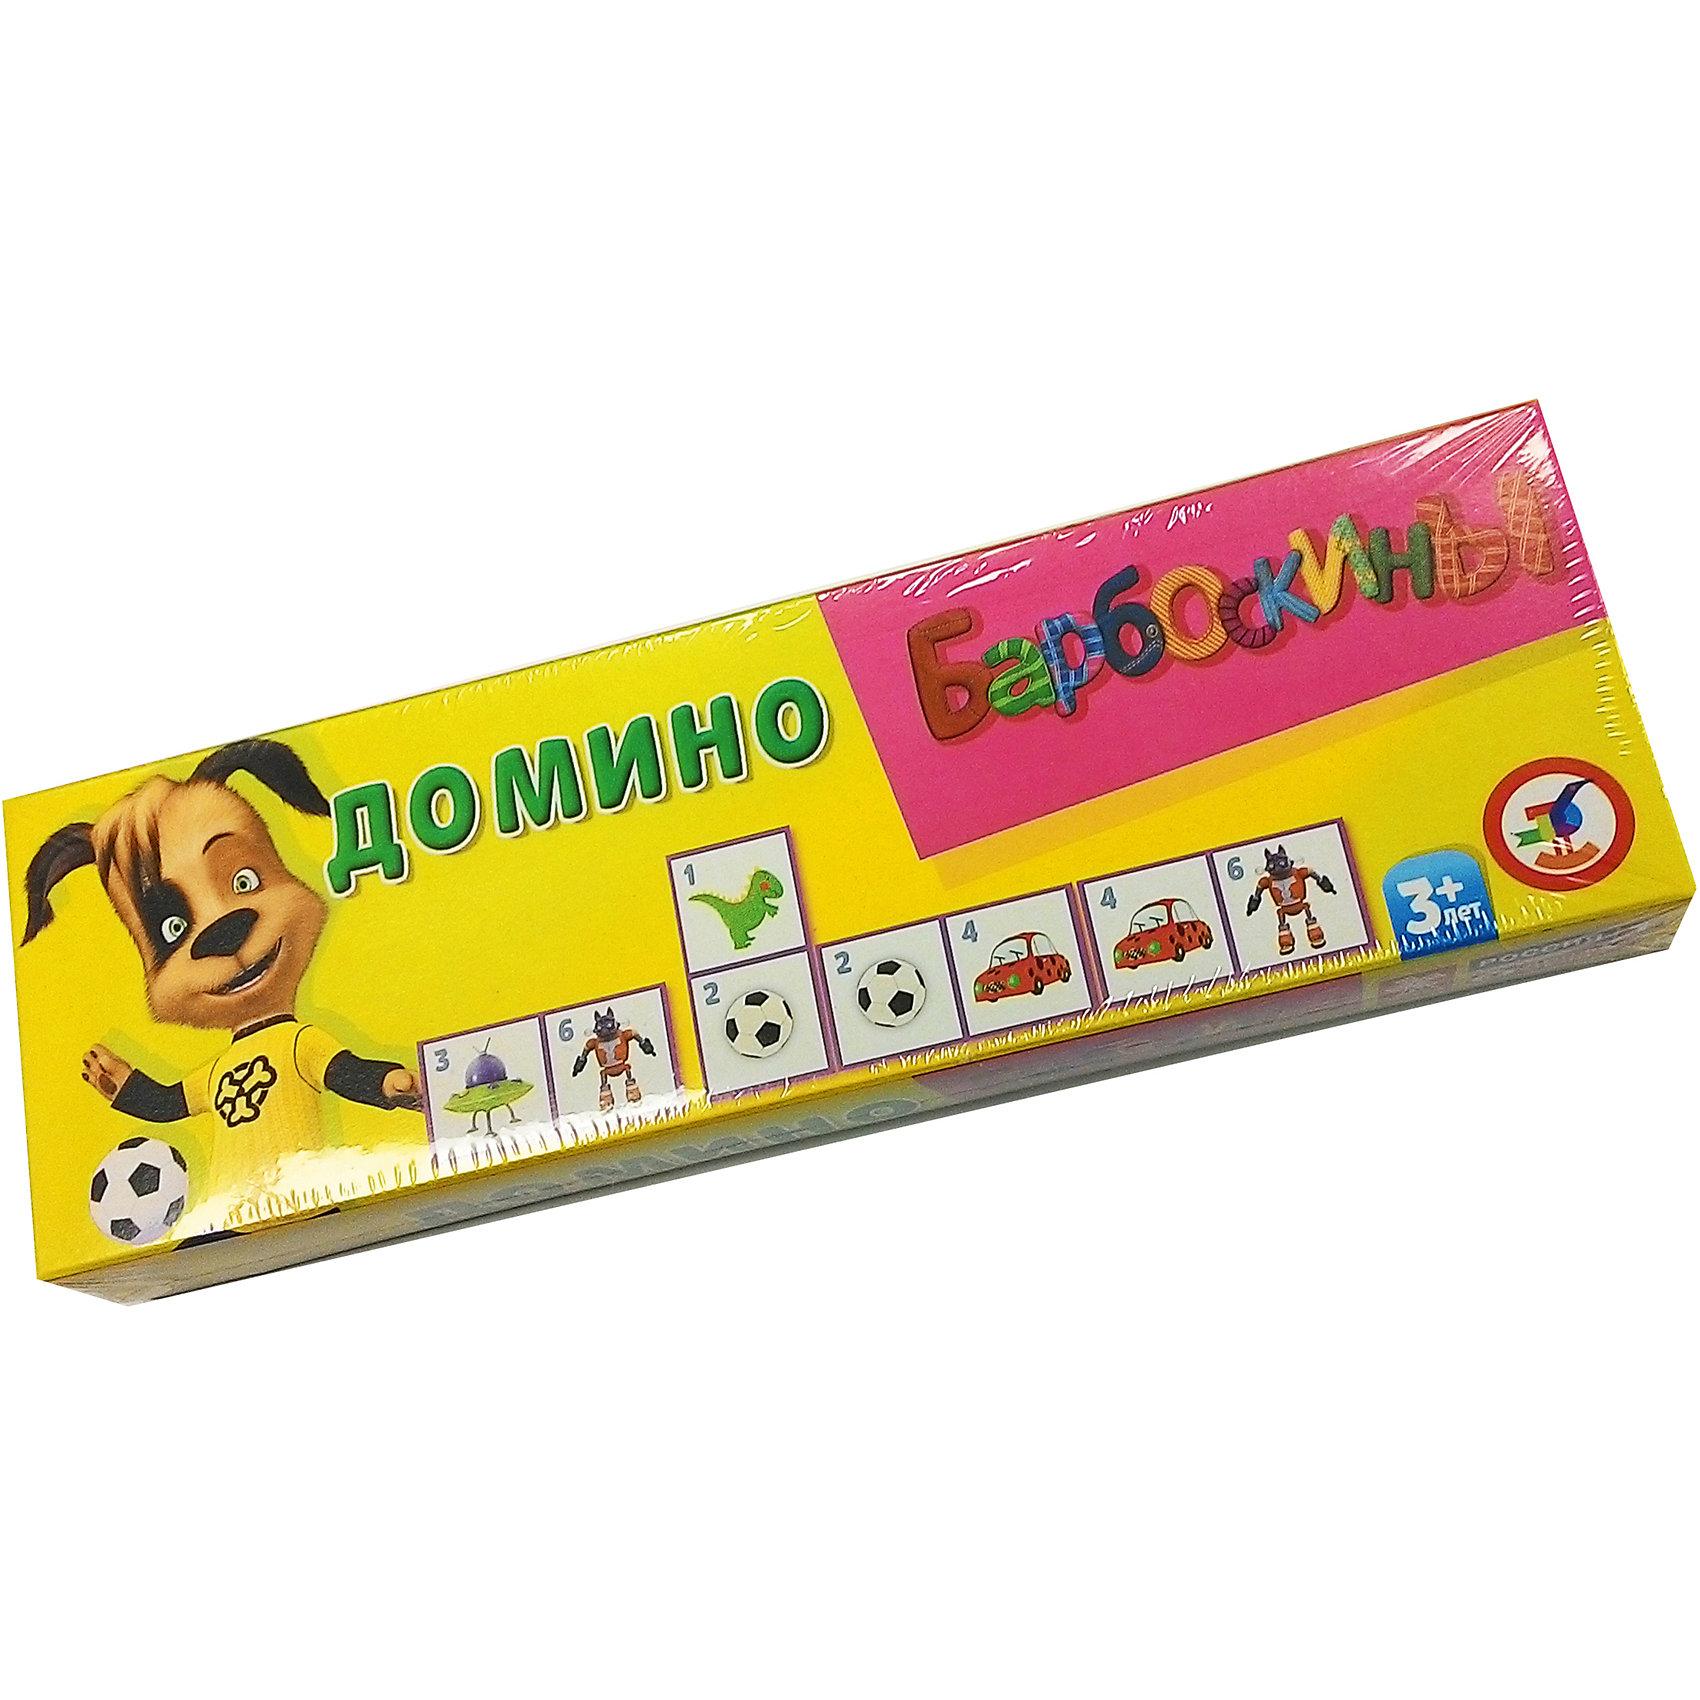 Домино большое пластиковое, БарбоскиныДомино<br>Домино большое пластиковое, Барбоскины - классическая, всем известная игра с любимыми героями, в которую можно играть всей семьей. Барбоскины - это большое семейство собак из популярного мультсериала Барбоскины, где у каждого персонажа свой характер и особенности. На карточках домино для малышей вместо традиционных точек изображены красочные рисунки с любимые игрушками персонажей мультфильма. Игра развивает логику, внимание, память, умение сравнивать и сопоставлять предметы. <br><br>Дополнительная информация:<br><br>- В комплекте: 28 карточек.<br>- Серия: Барбоскины.<br>- Материал: пластик.<br>- Размер упаковки: 8 x 25,5 x 3,1 см.<br>- Вес: 0,216 кг.<br><br>Домино большое пластиковое, Барбоскины, можно купить в нашем интернет-магазине.<br><br>Ширина мм: 80<br>Глубина мм: 31<br>Высота мм: 255<br>Вес г: 80<br>Возраст от месяцев: 36<br>Возраст до месяцев: 144<br>Пол: Унисекс<br>Возраст: Детский<br>SKU: 3998681